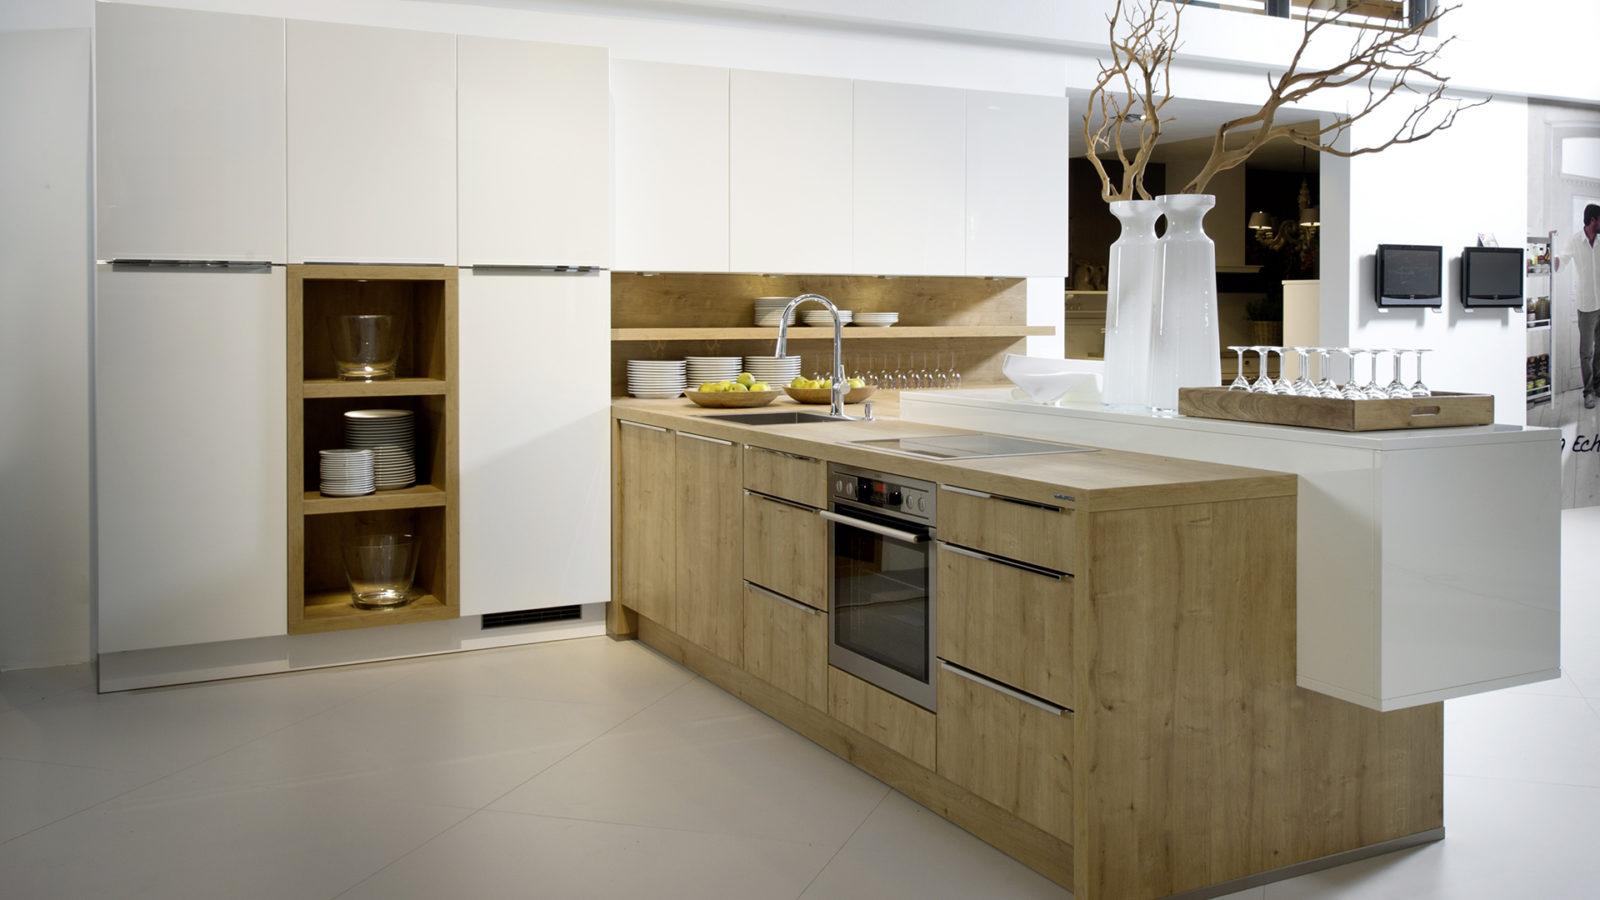 La cuisine de claire et damien elton - Cuisine claire ...